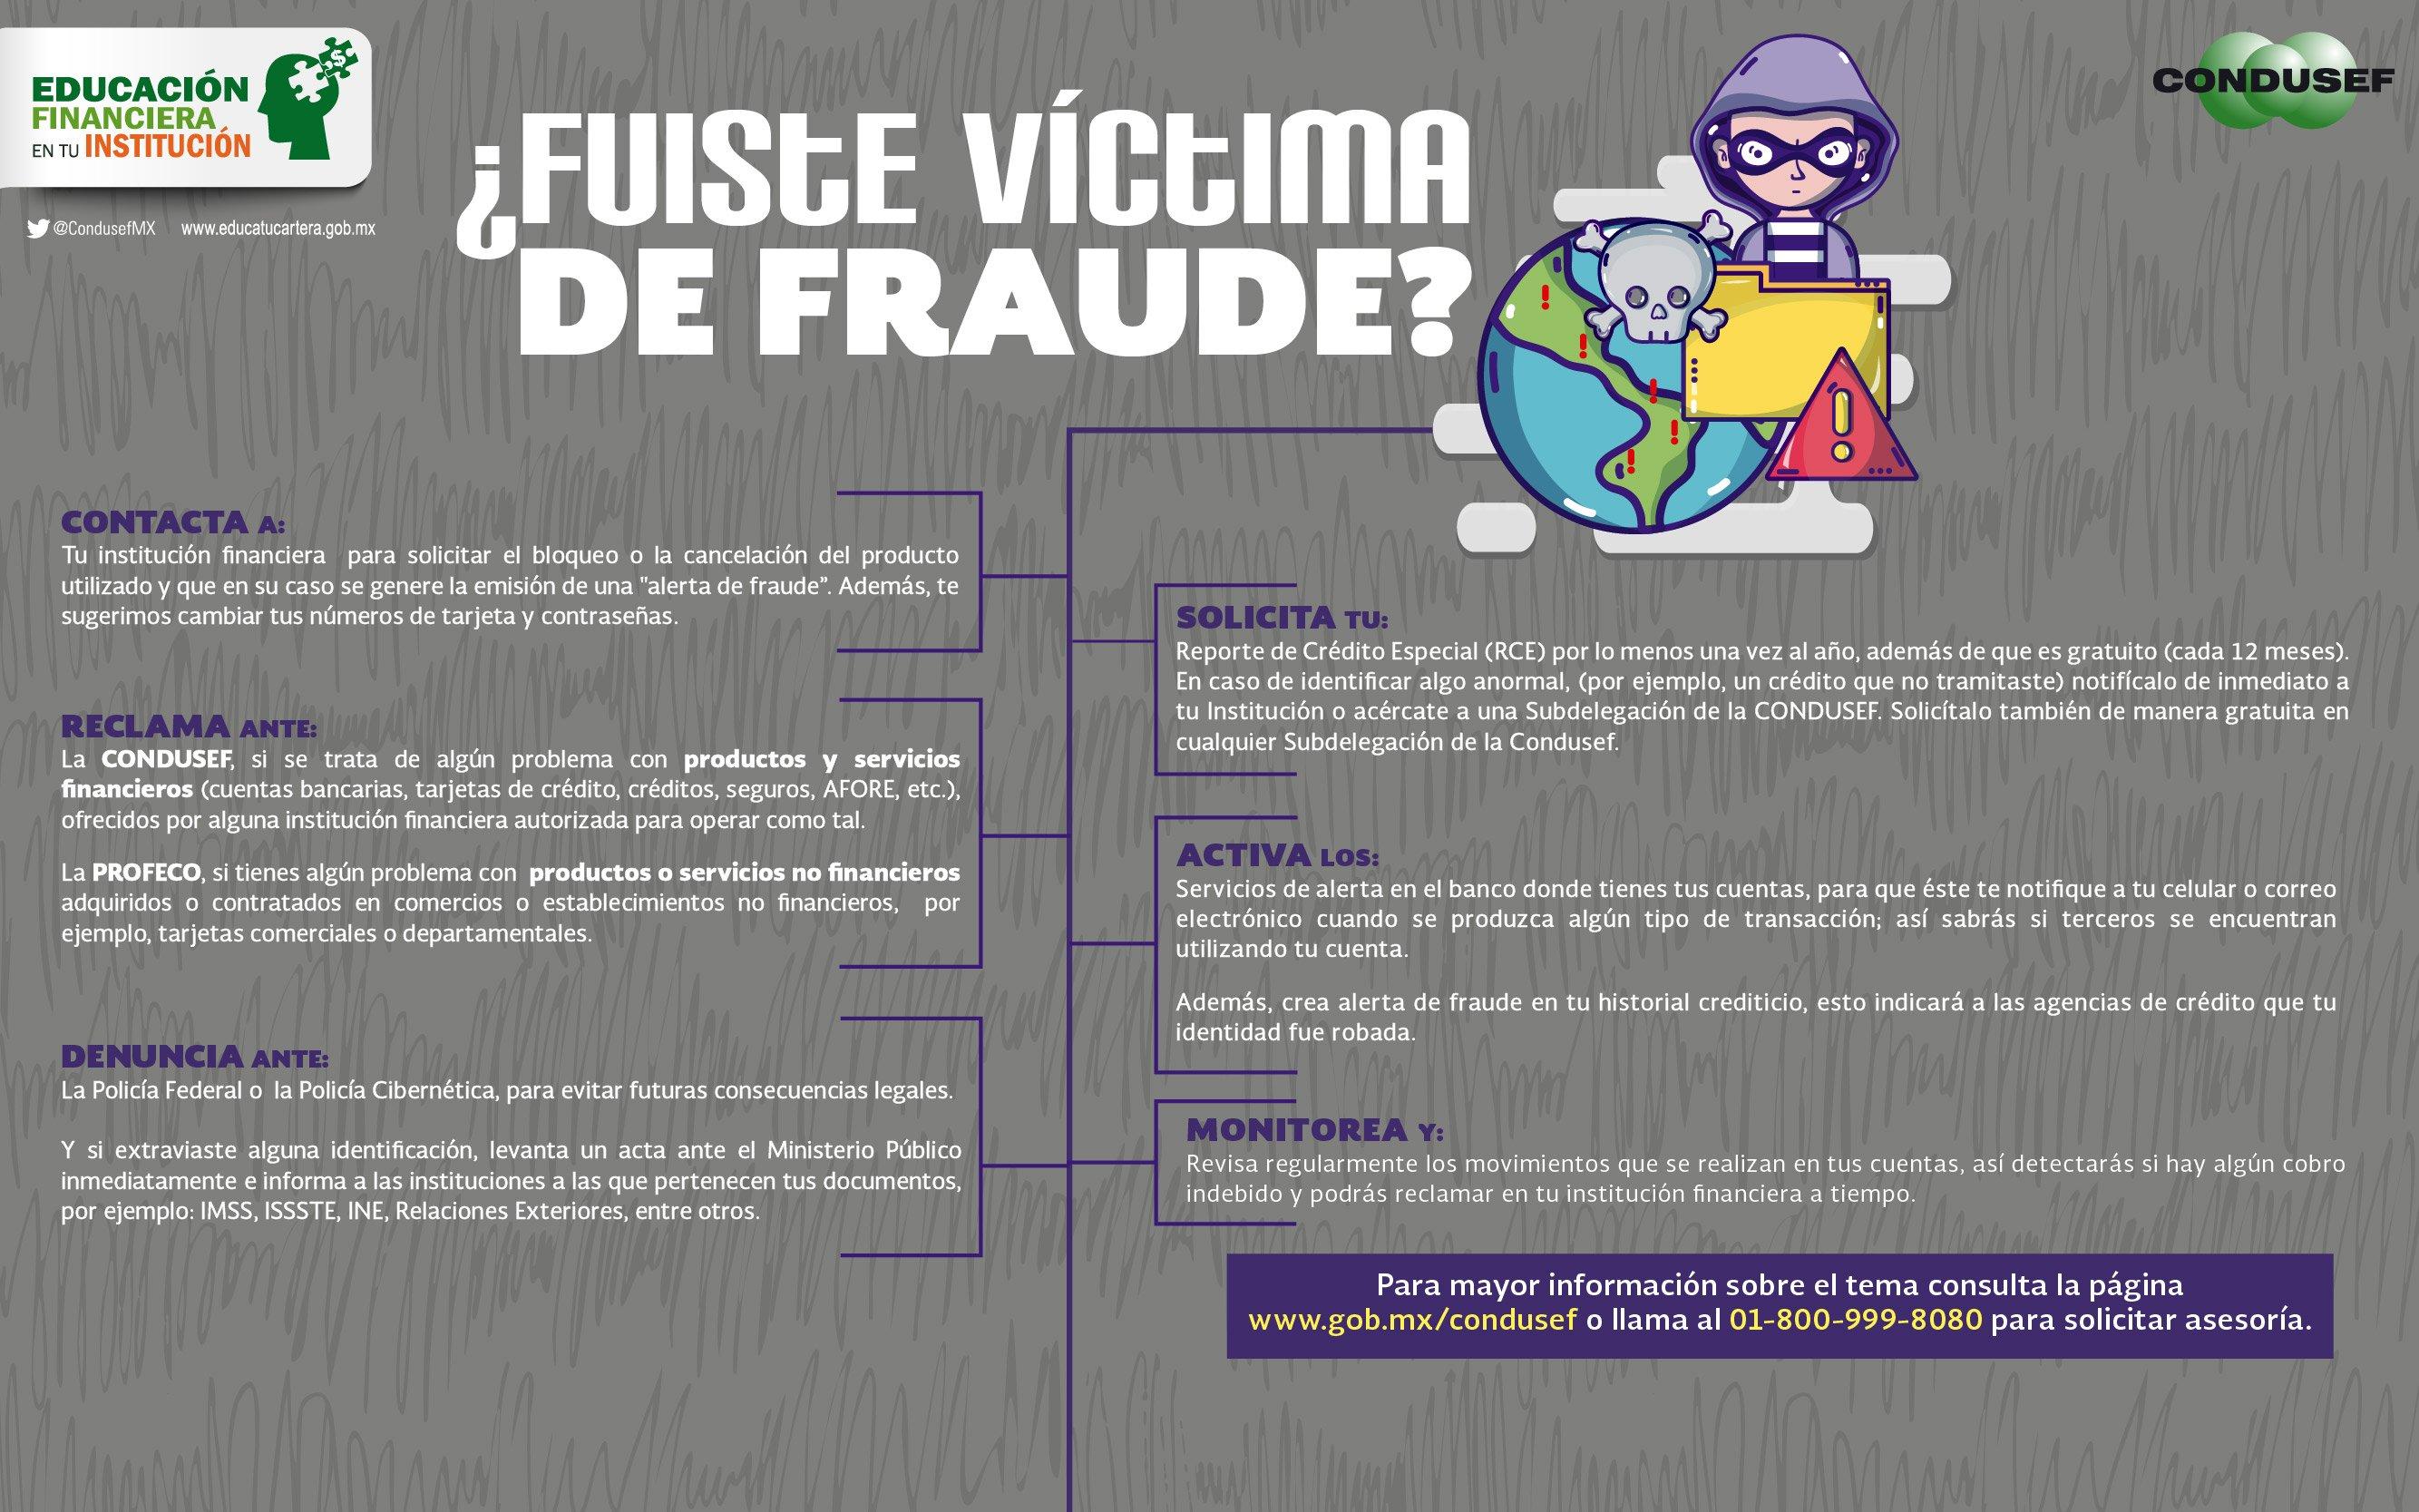 ¿Fuiste víctima de fraude?